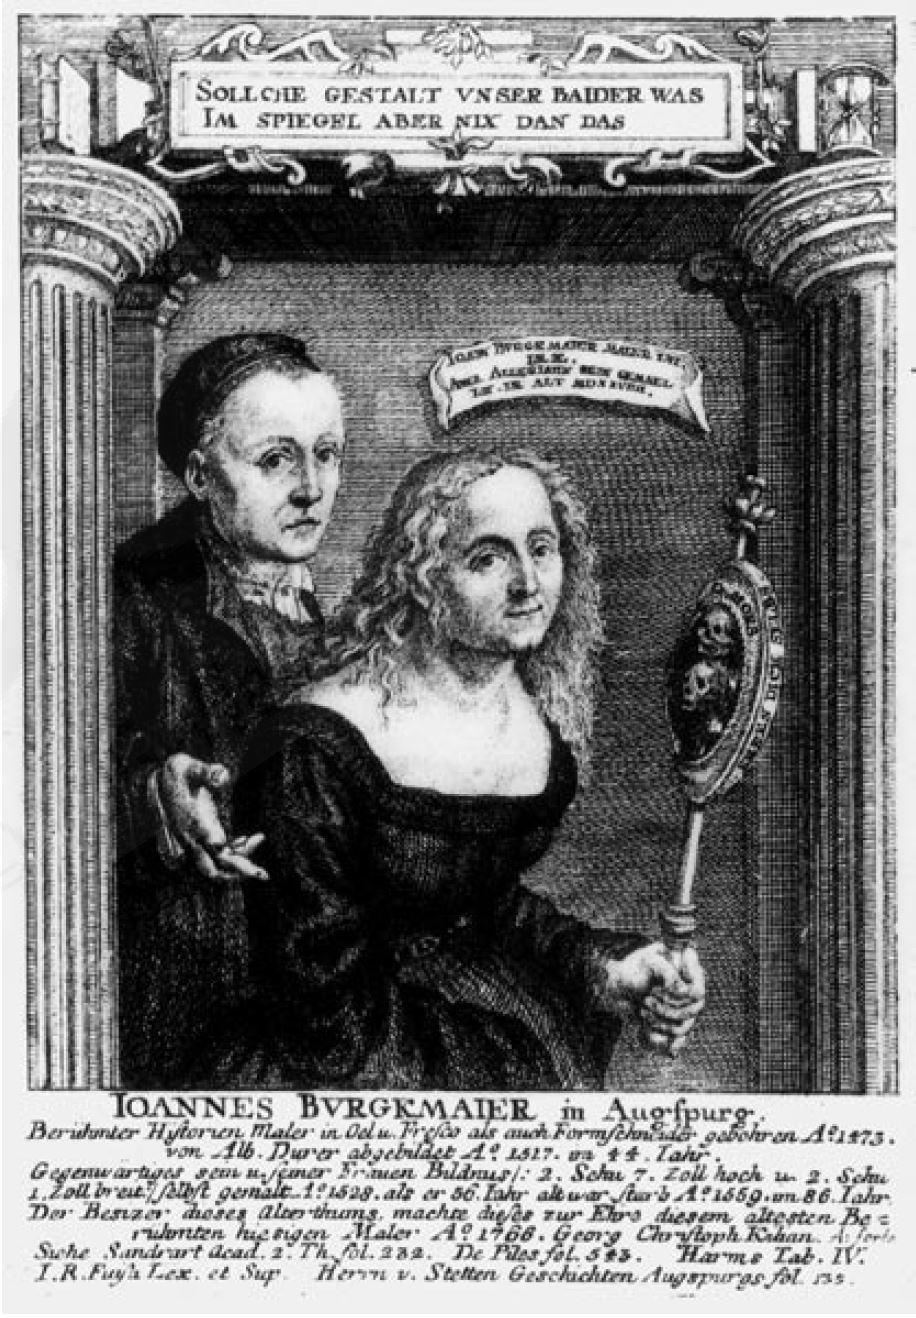 Gravure de Georg Christoph Kilian, 1768, d'après le double portrait de Hans Burgkmair